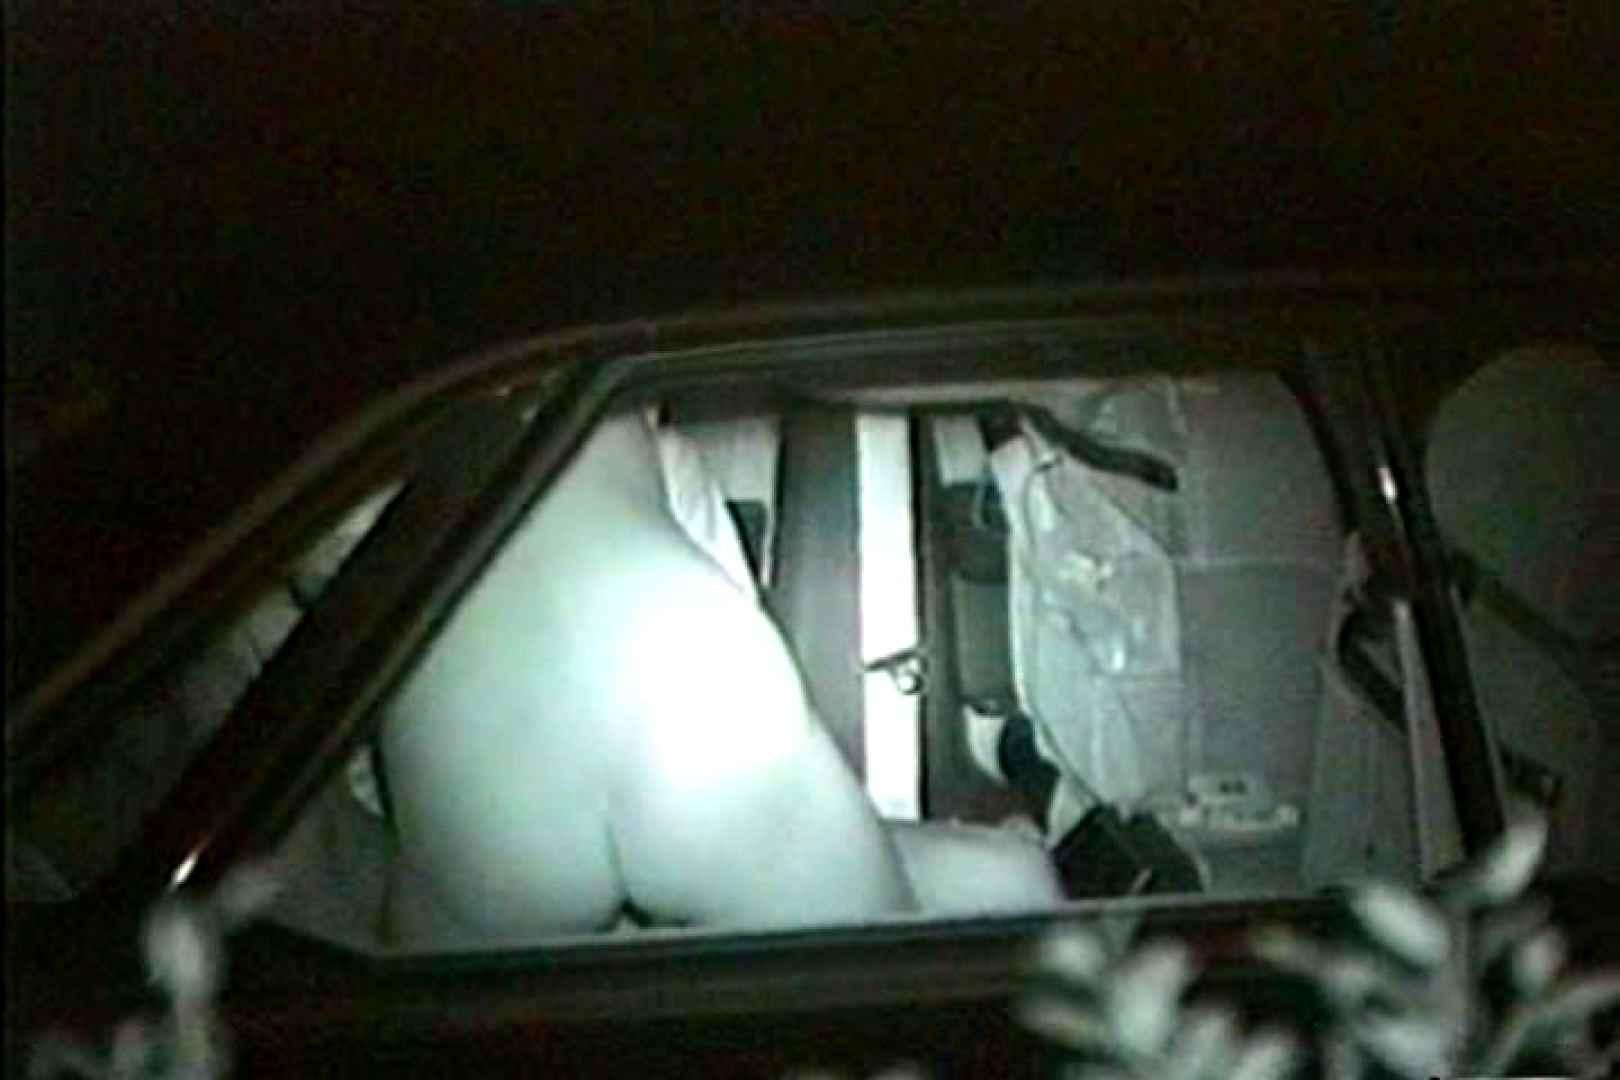 車の中はラブホテル 無修正版  Vol.6 エッチなセックス おまんこ無修正動画無料 89画像 11